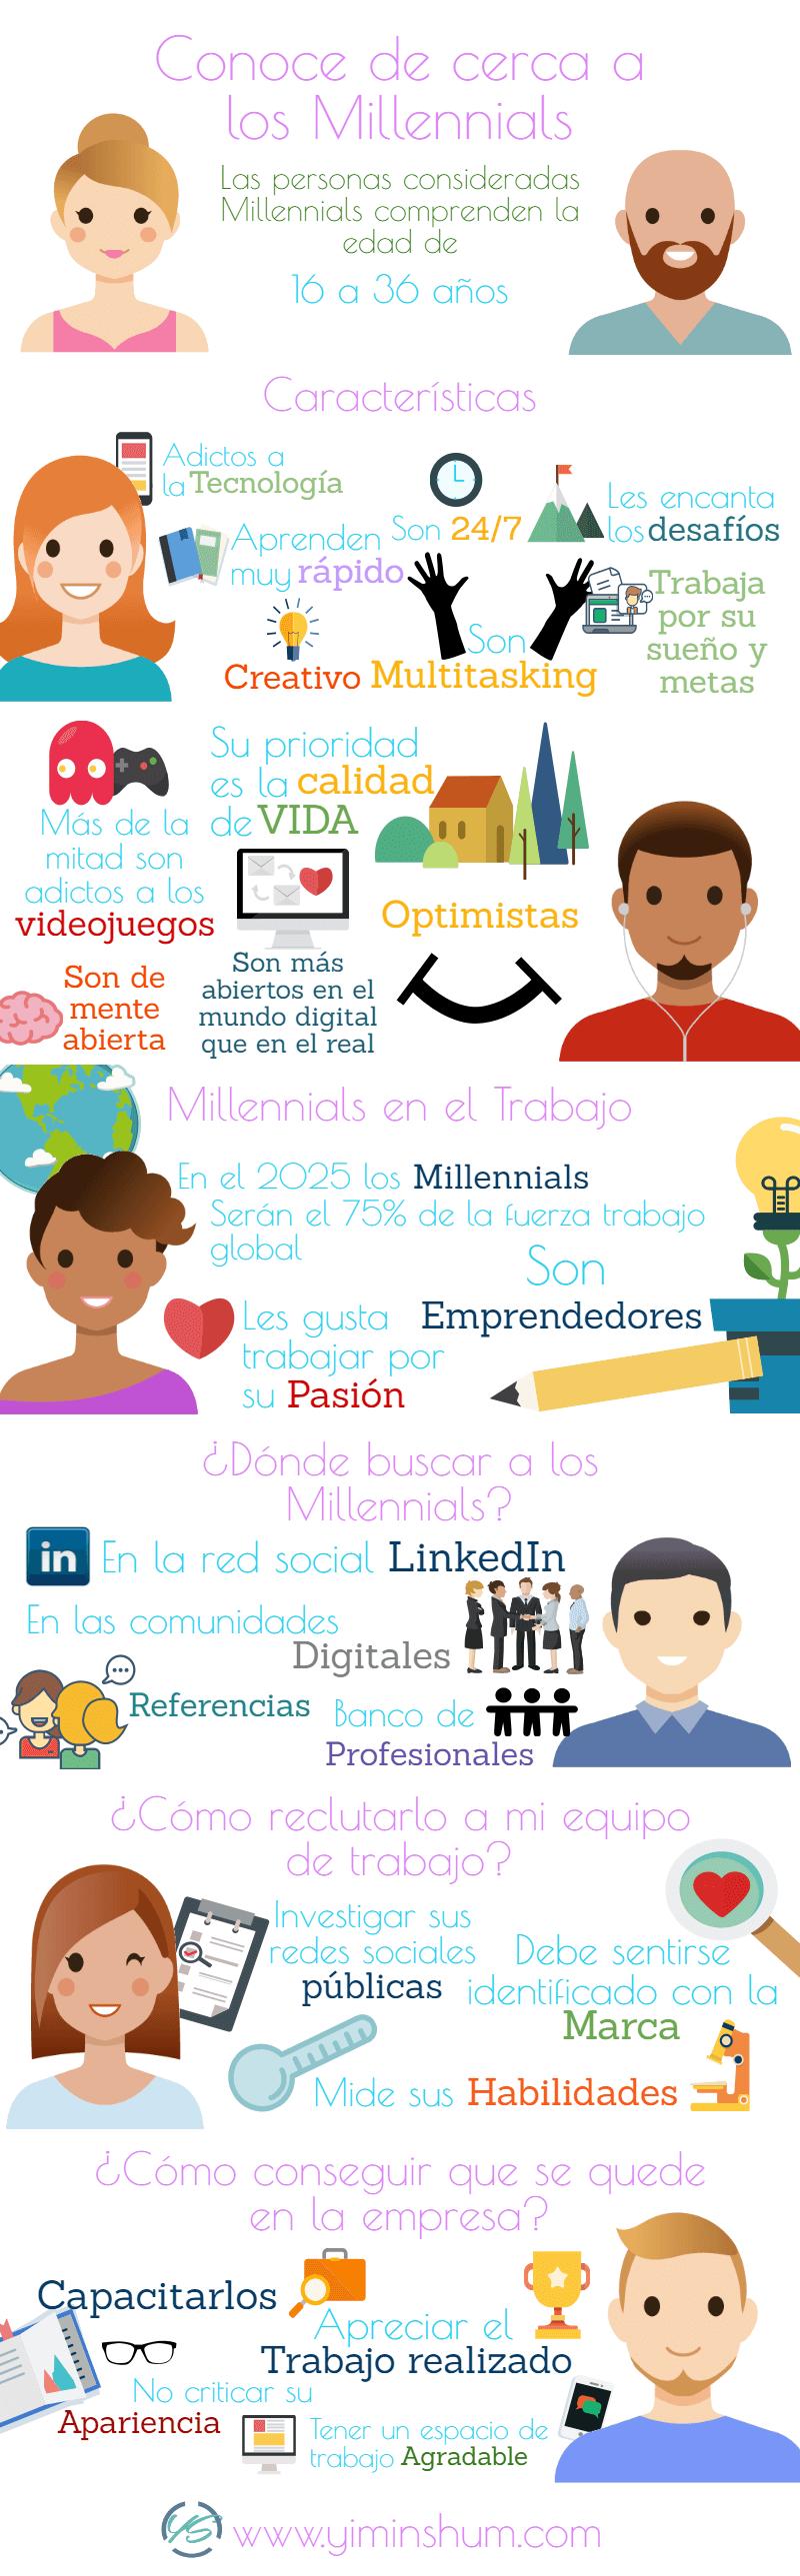 conoce de cerca a los millennials con esta infografía